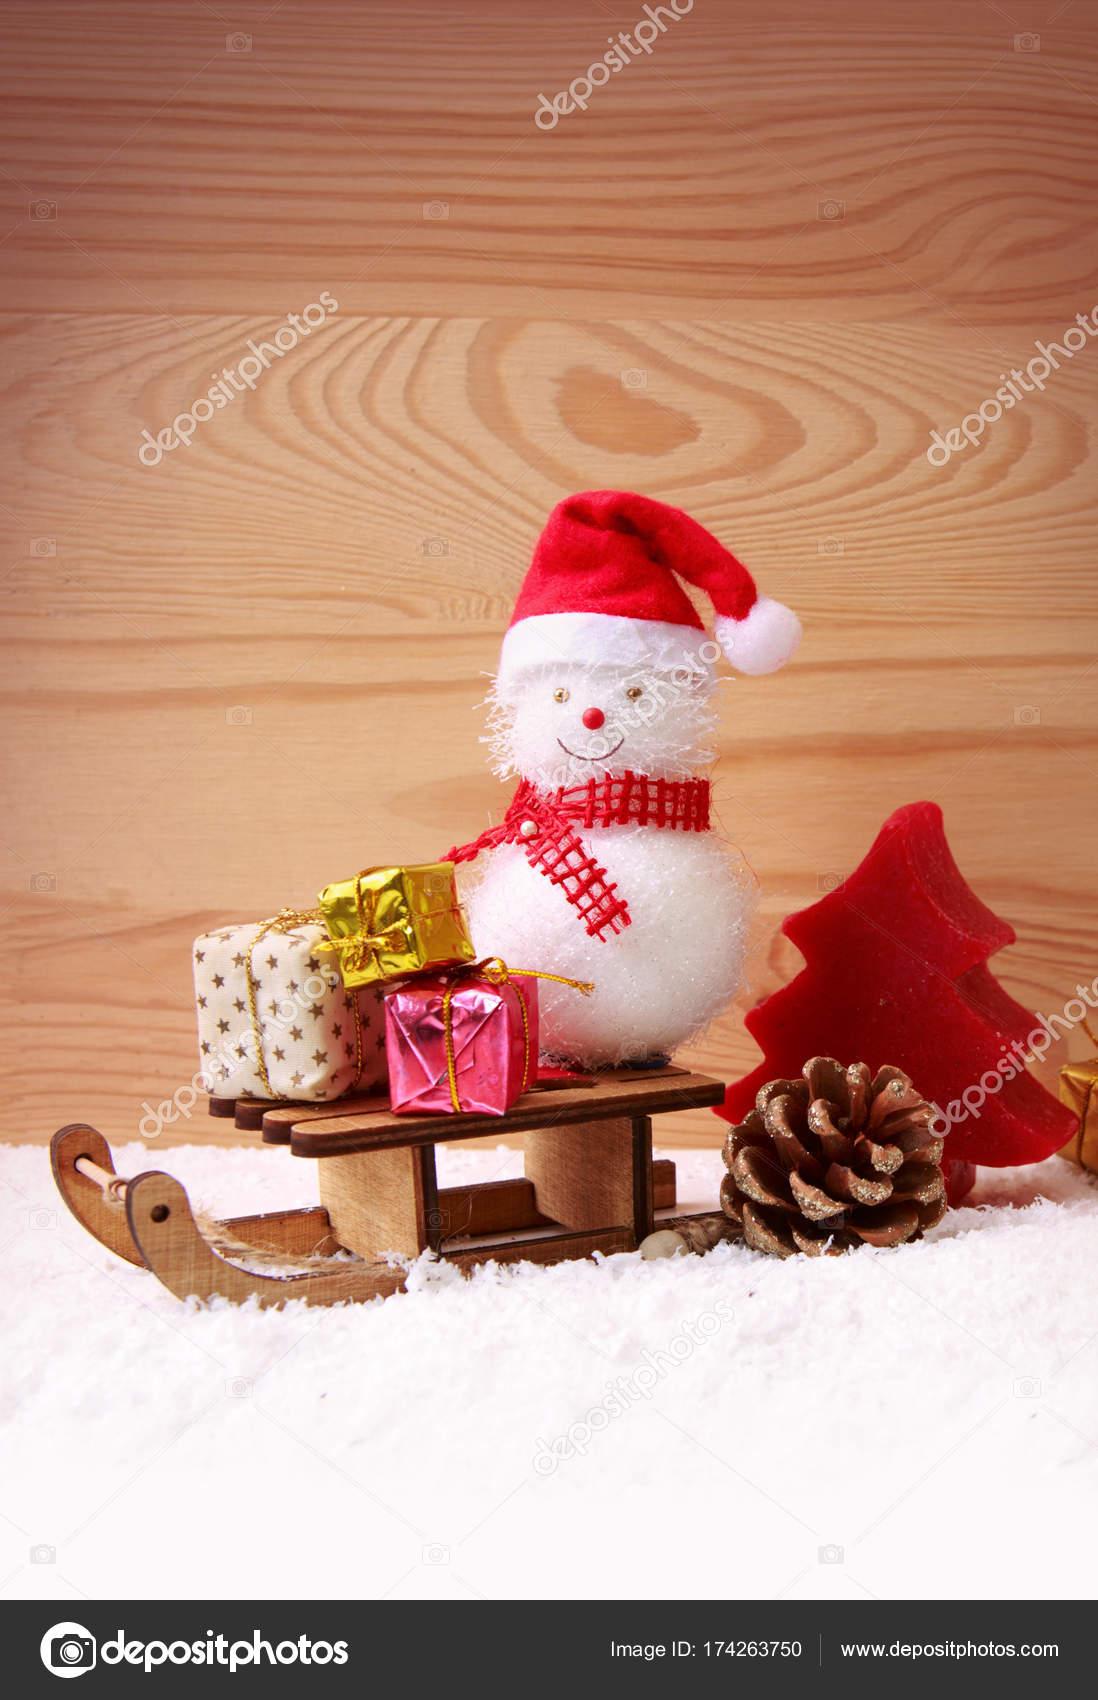 Schneemann mit Weihnachtsgeschenke auf dem Schlitten auf Holz ...